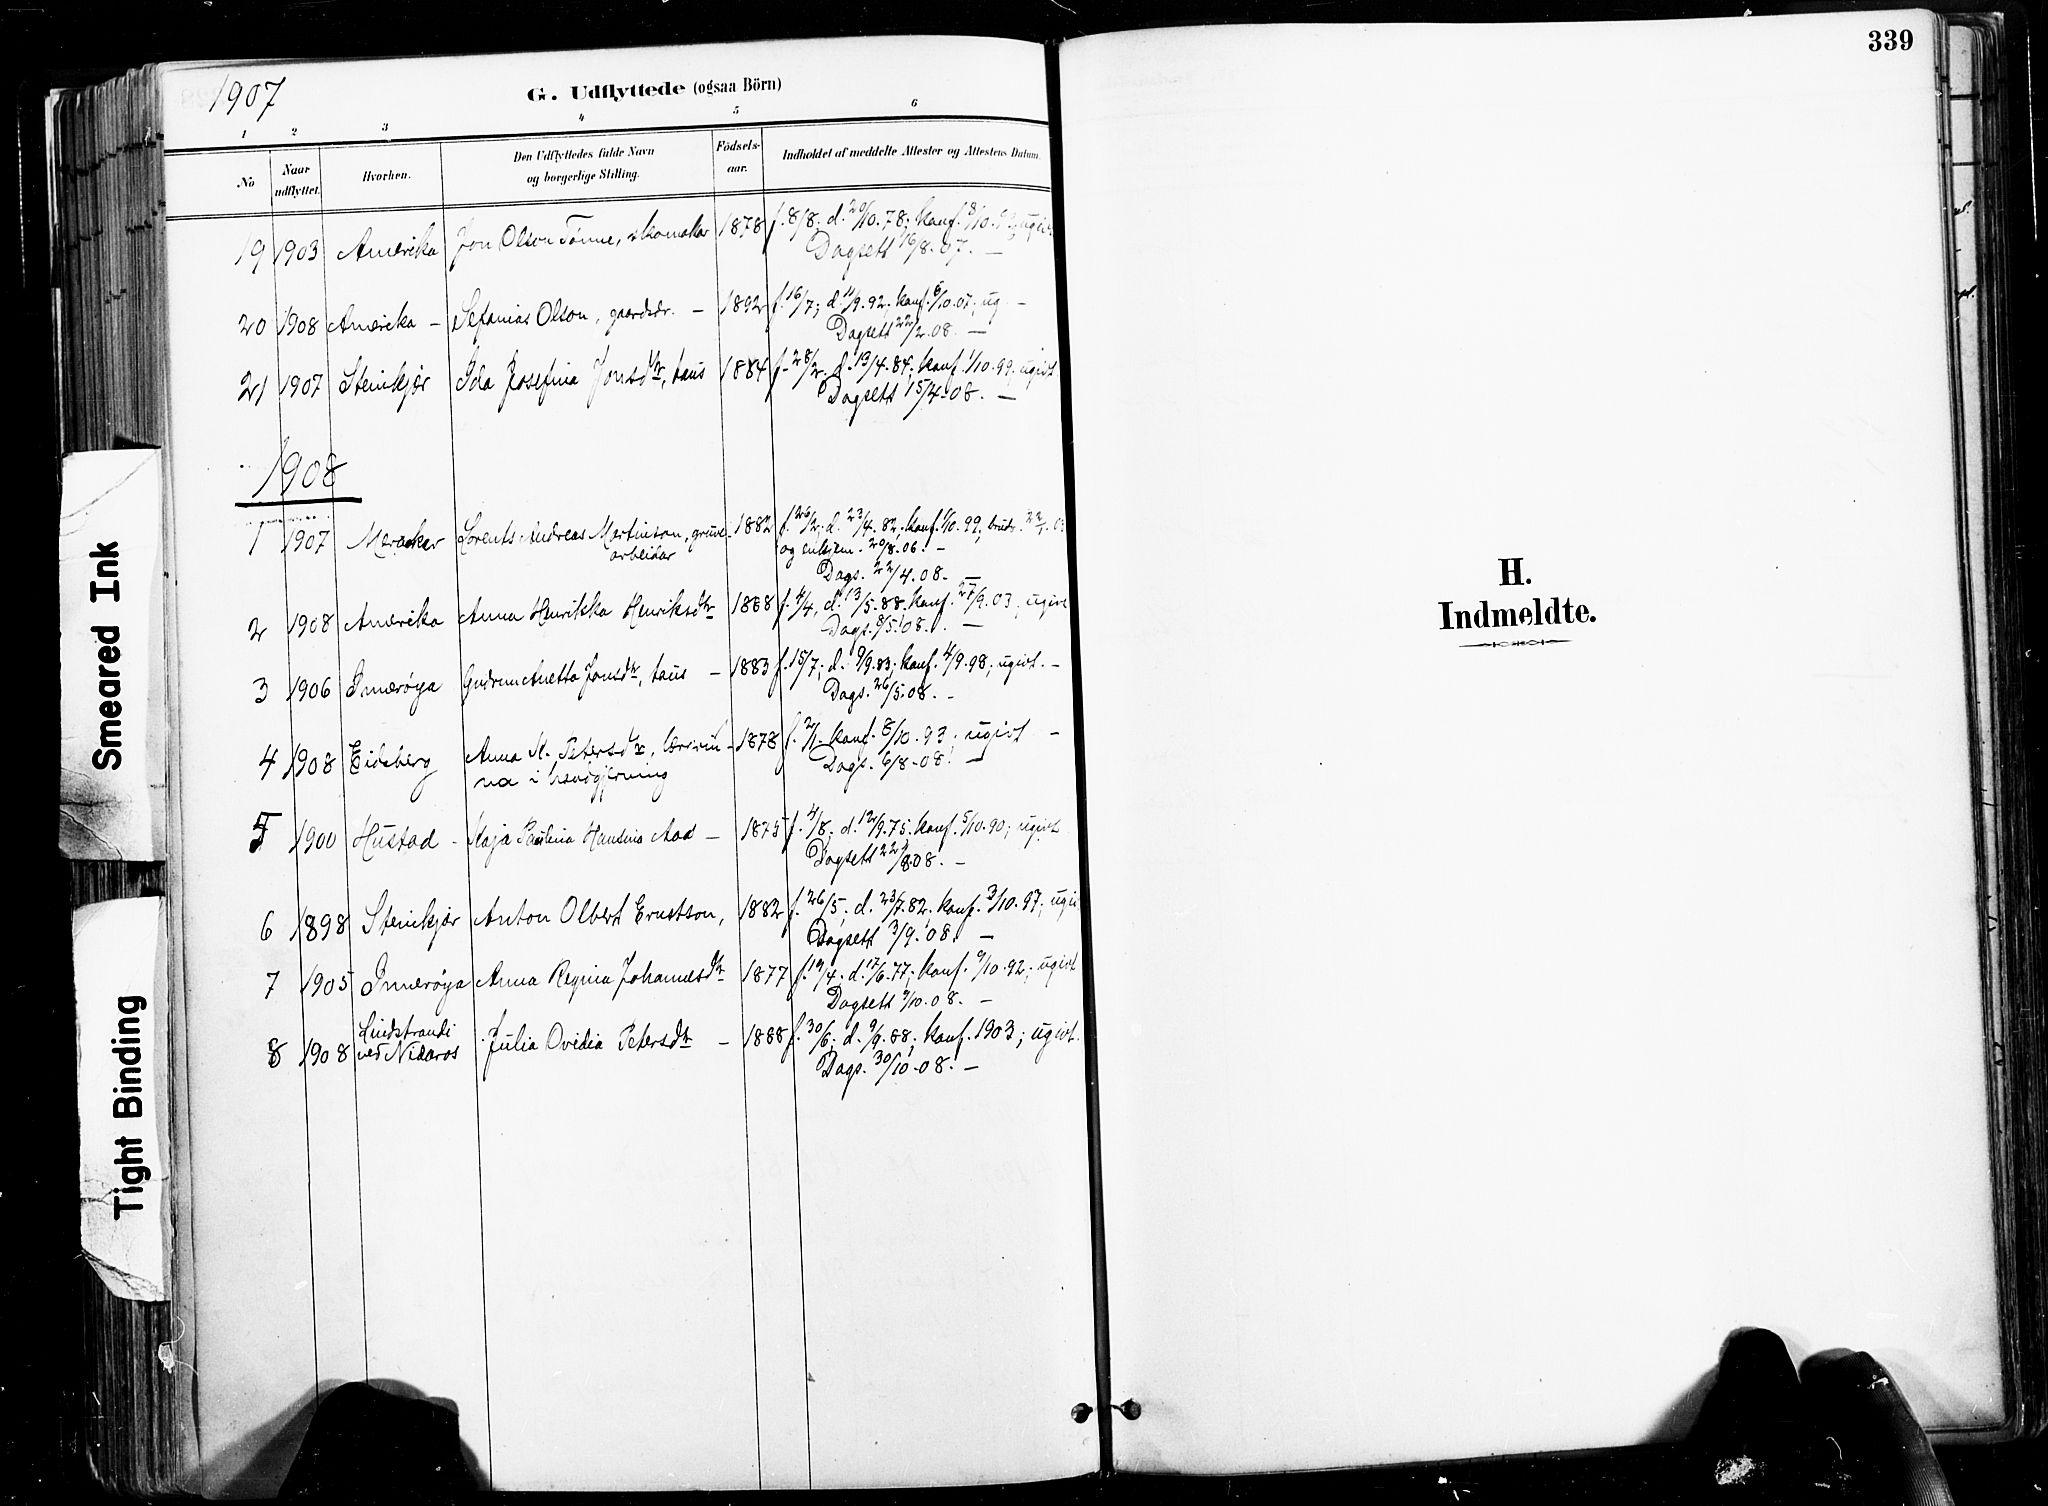 SAT, Ministerialprotokoller, klokkerbøker og fødselsregistre - Nord-Trøndelag, 735/L0351: Ministerialbok nr. 735A10, 1884-1908, s. 339